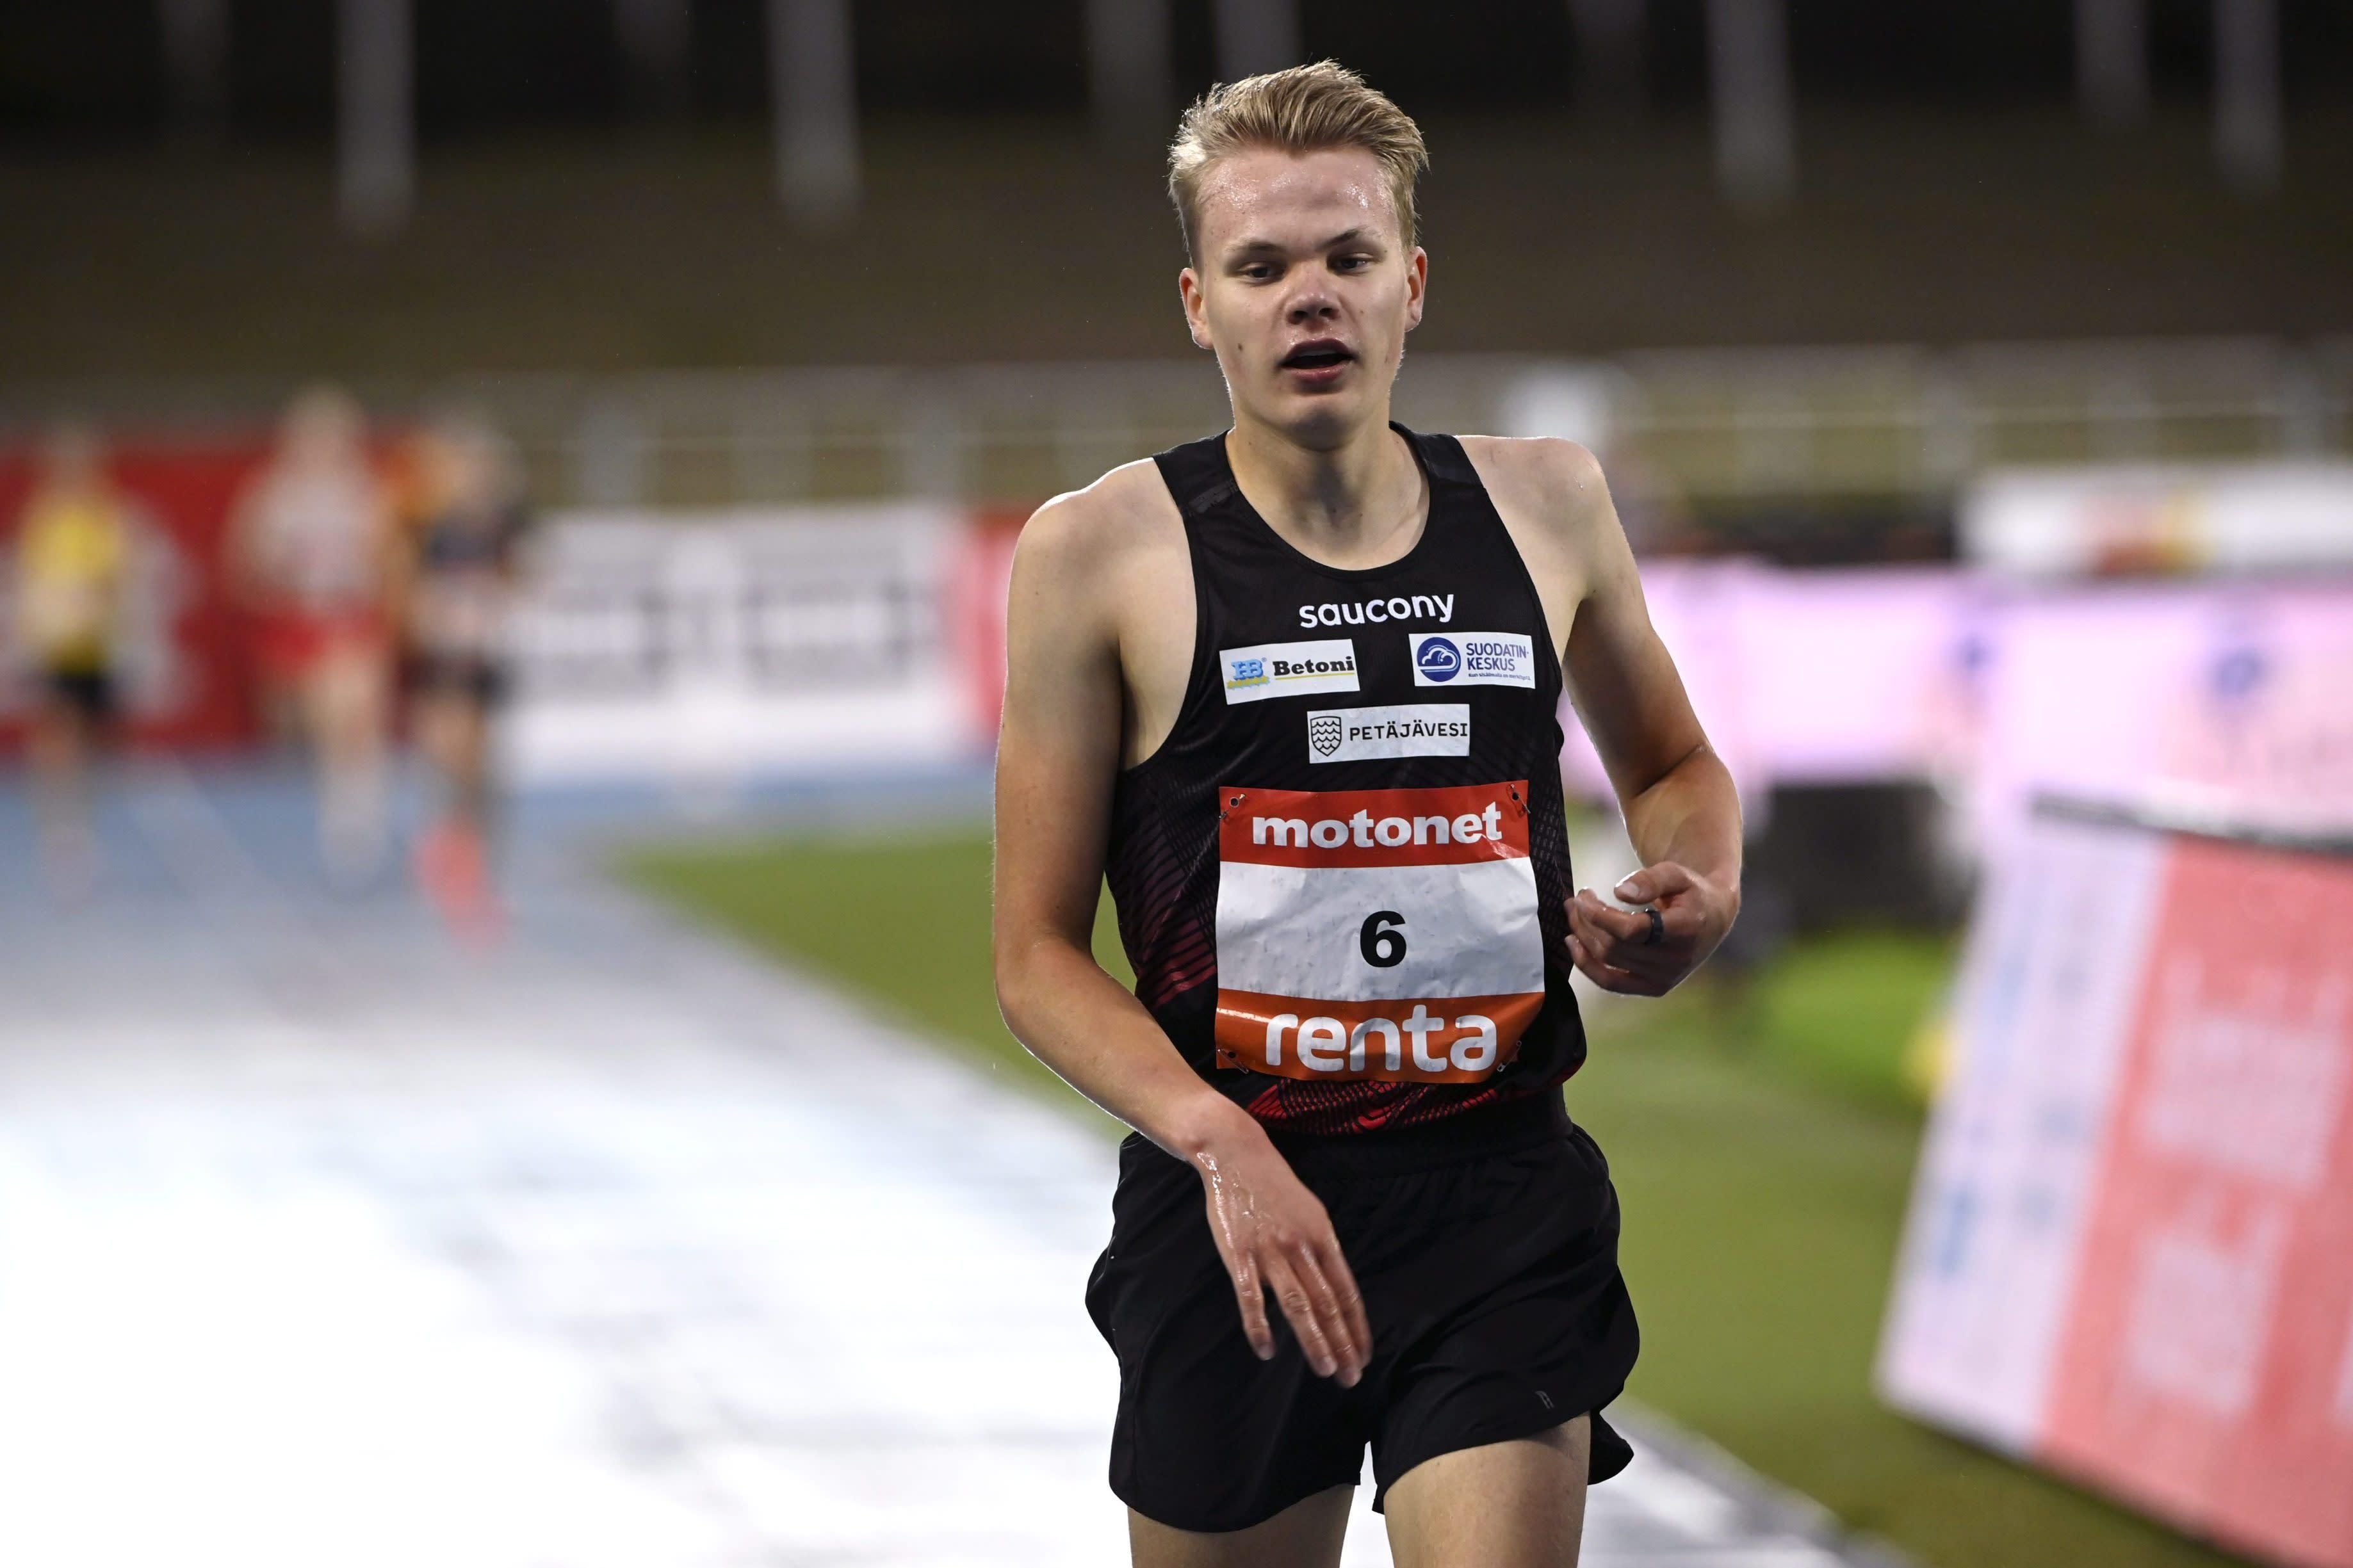 Eemil Helander miesten 3000 metrin juoksussa yleisurheilun GP-sarjan viimeisessä osakilpailussa Lahdessa 19. elokuuta 2021.